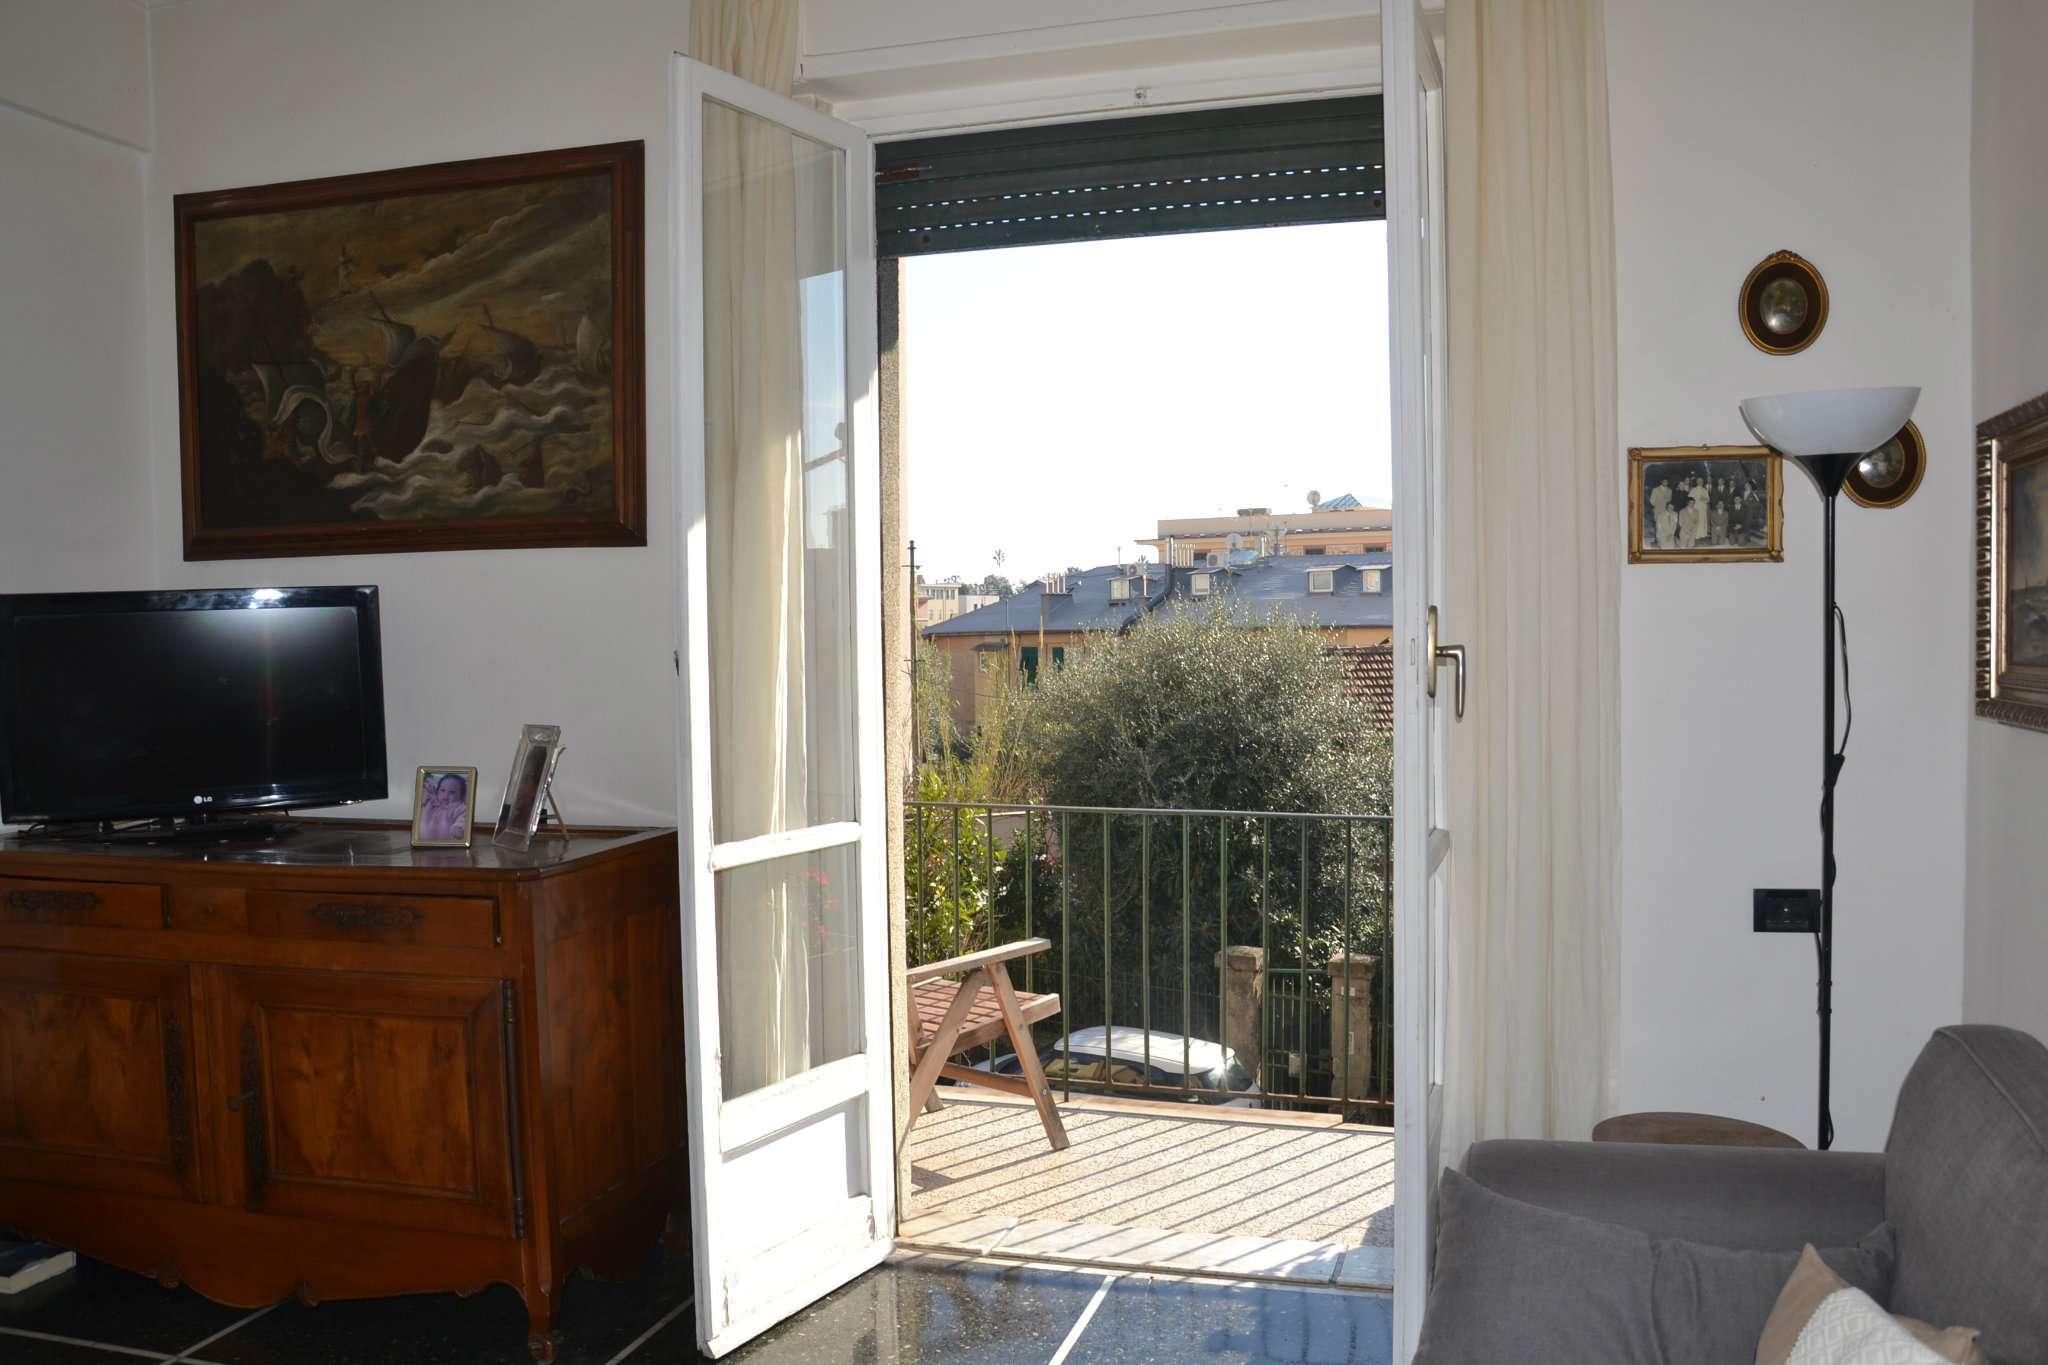 Foto 1 di Quadrilocale via Donato Somma 4, Genova (zona Quinto-Nervi)